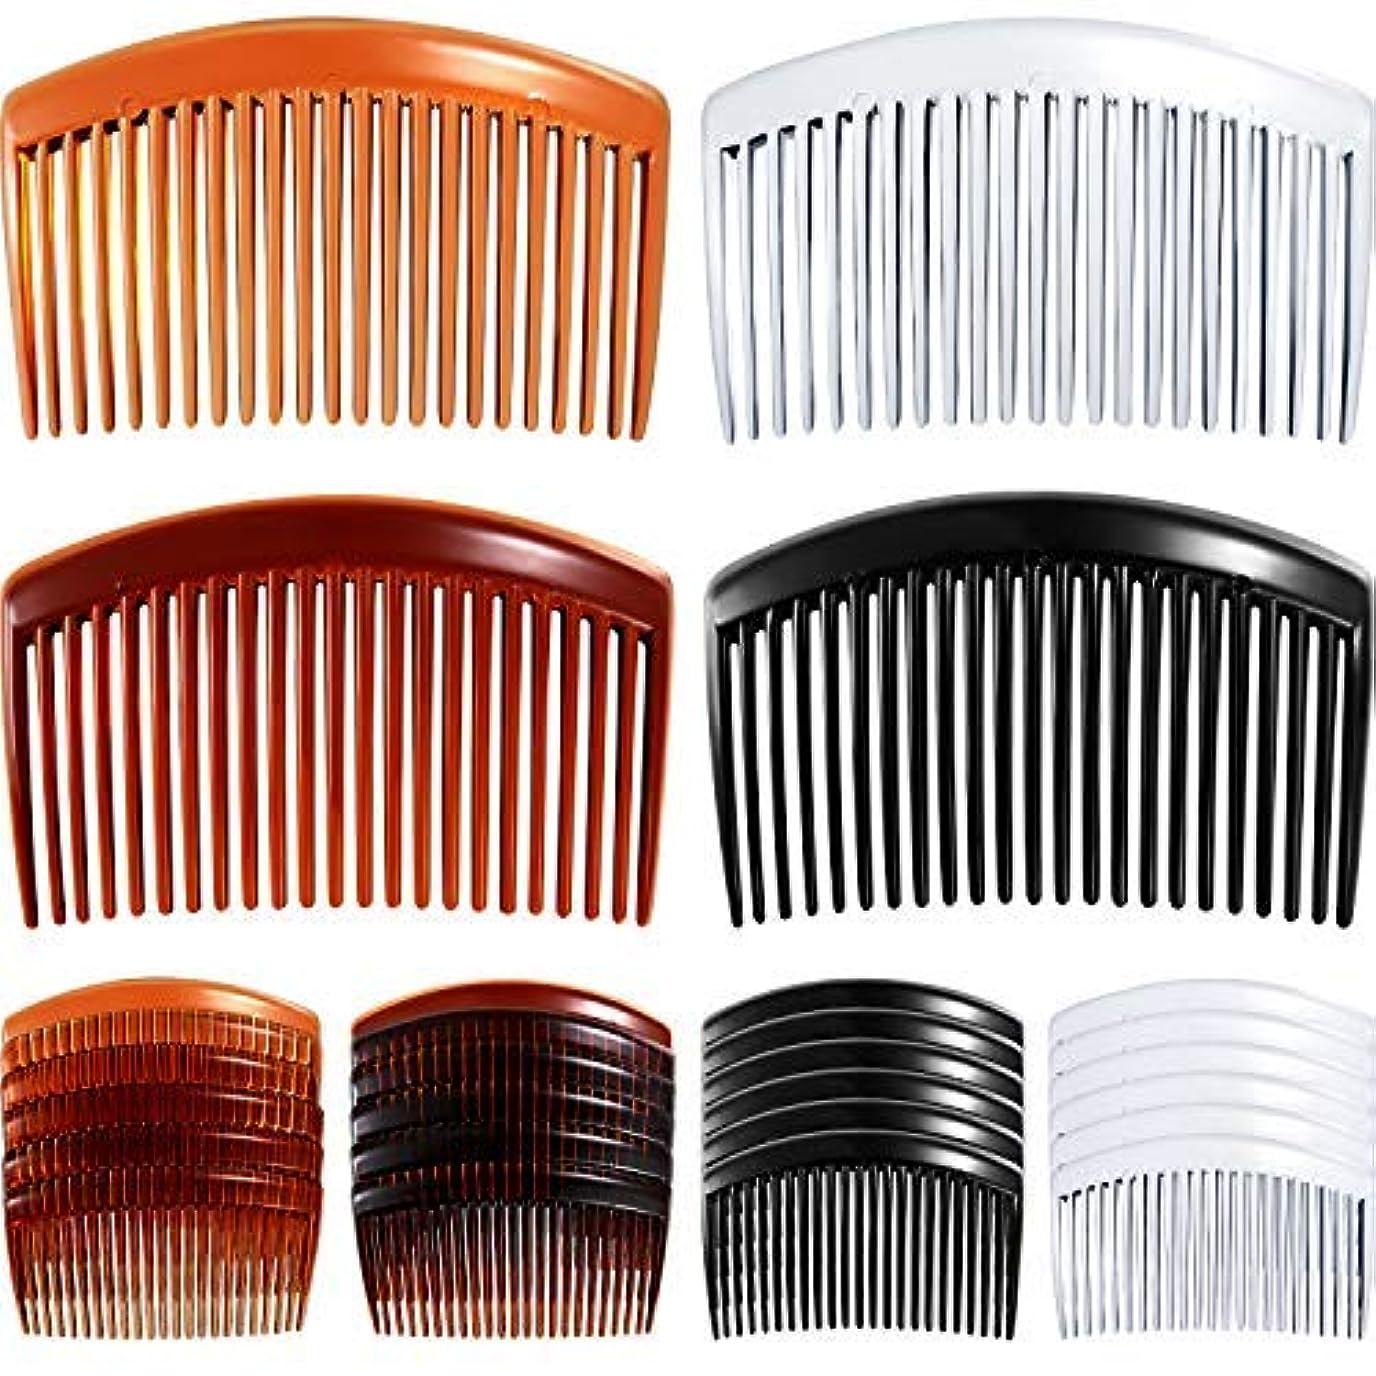 元気常に恥24 Pieces Hair Comb Plastic Hair Side Combs Straight Teeth Hair Clip Comb Bridal Wedding Veil Comb for Fine Hair...